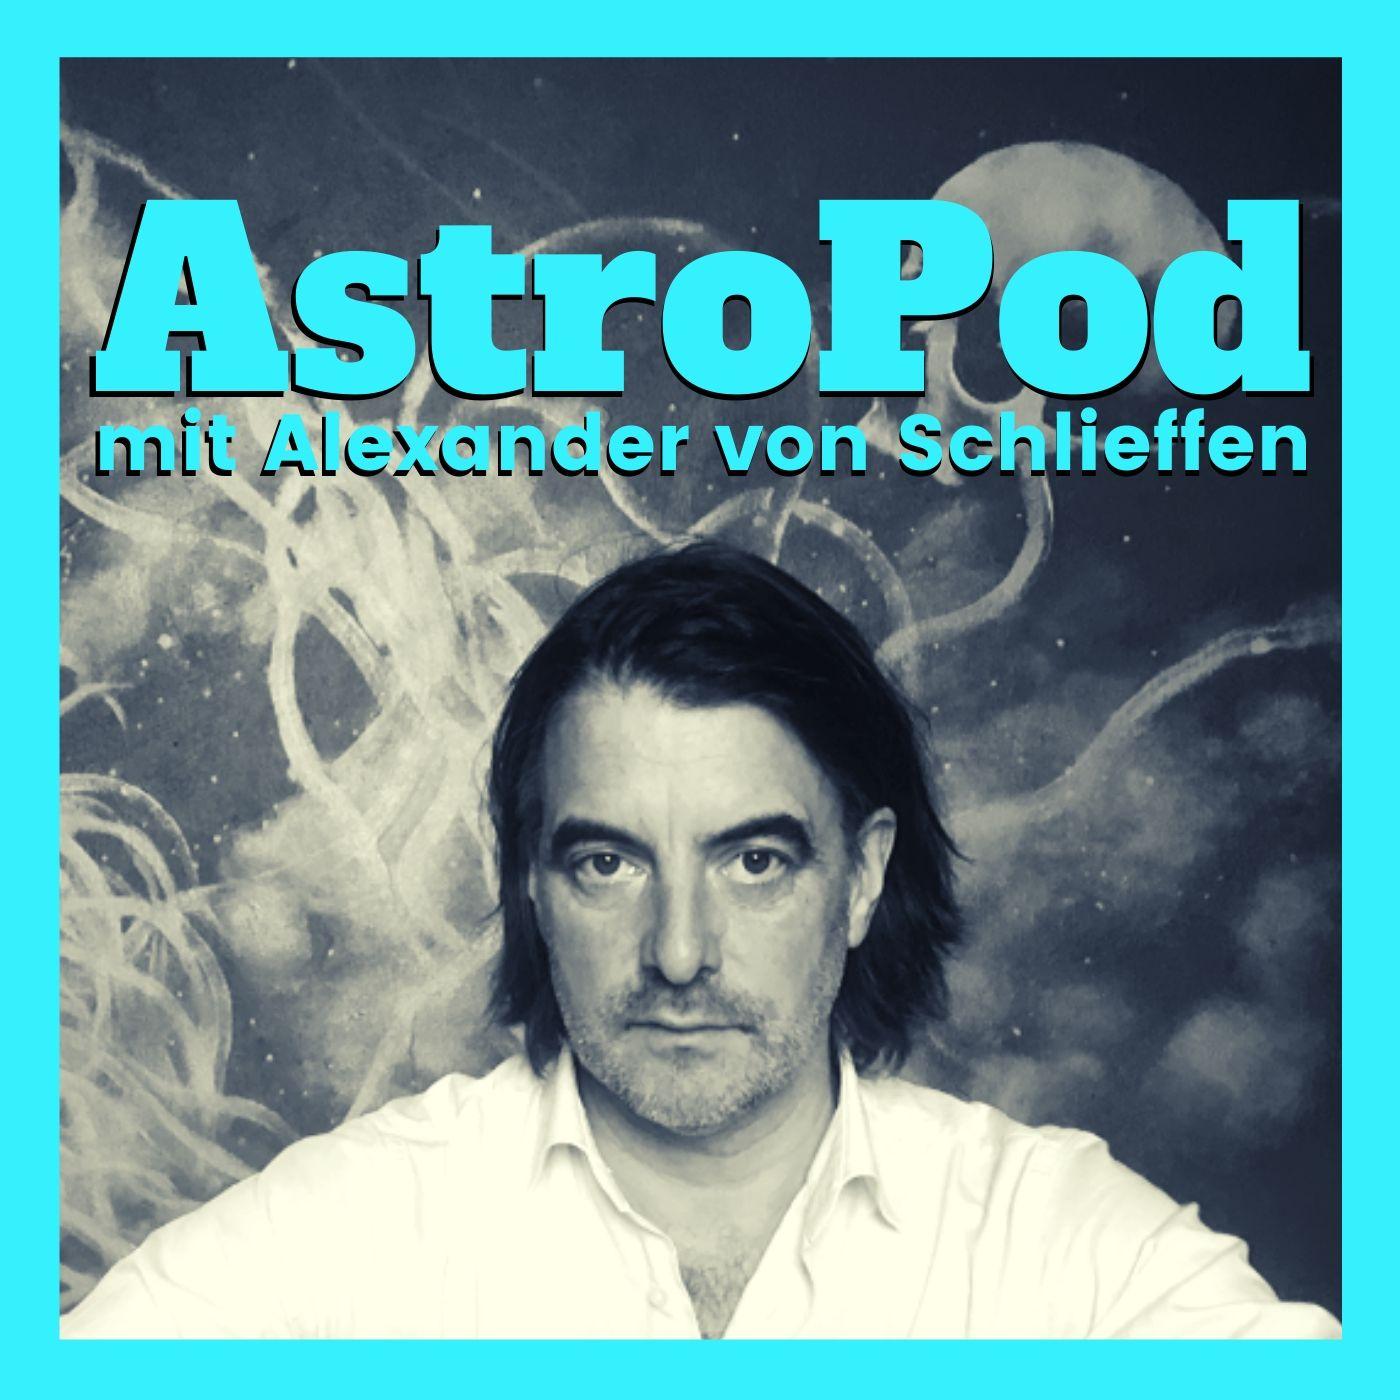 Astropod, Sterne, Alexander von Schlieffen